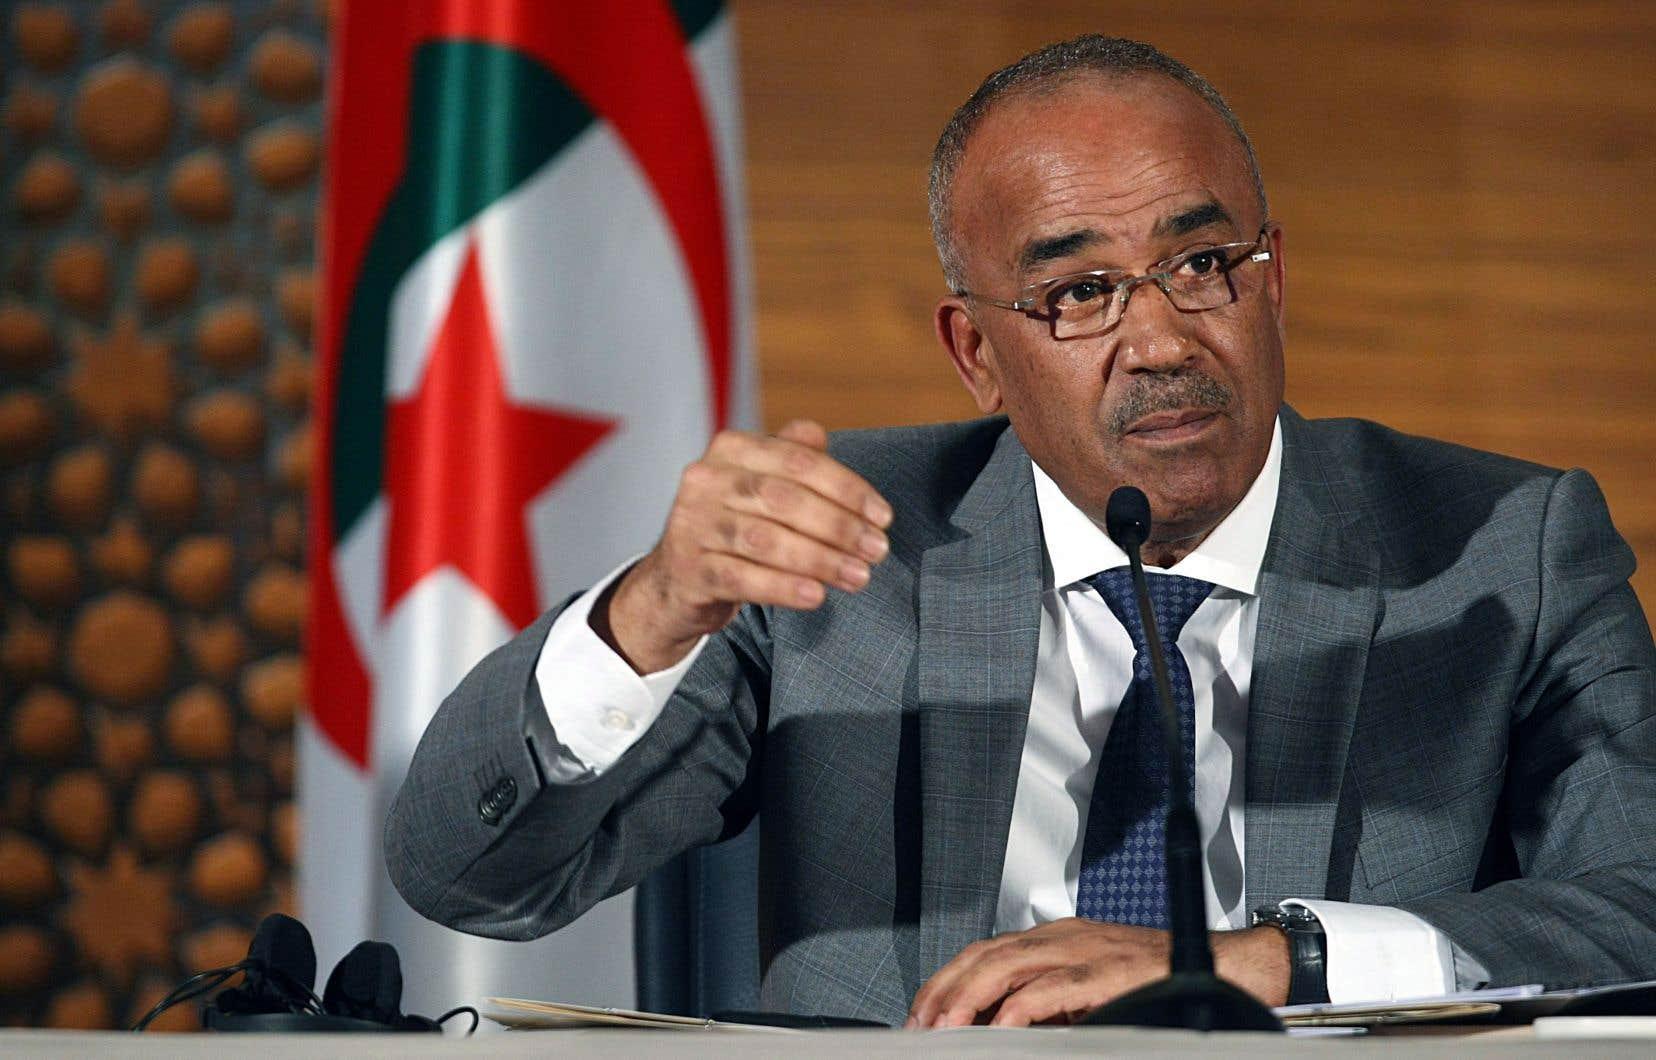 Le premier ministre Noureddine Bedoui a justifié par la «volonté du peuple» le report de la présidentielle et la prolongation par le chef de l'État de son mandat.